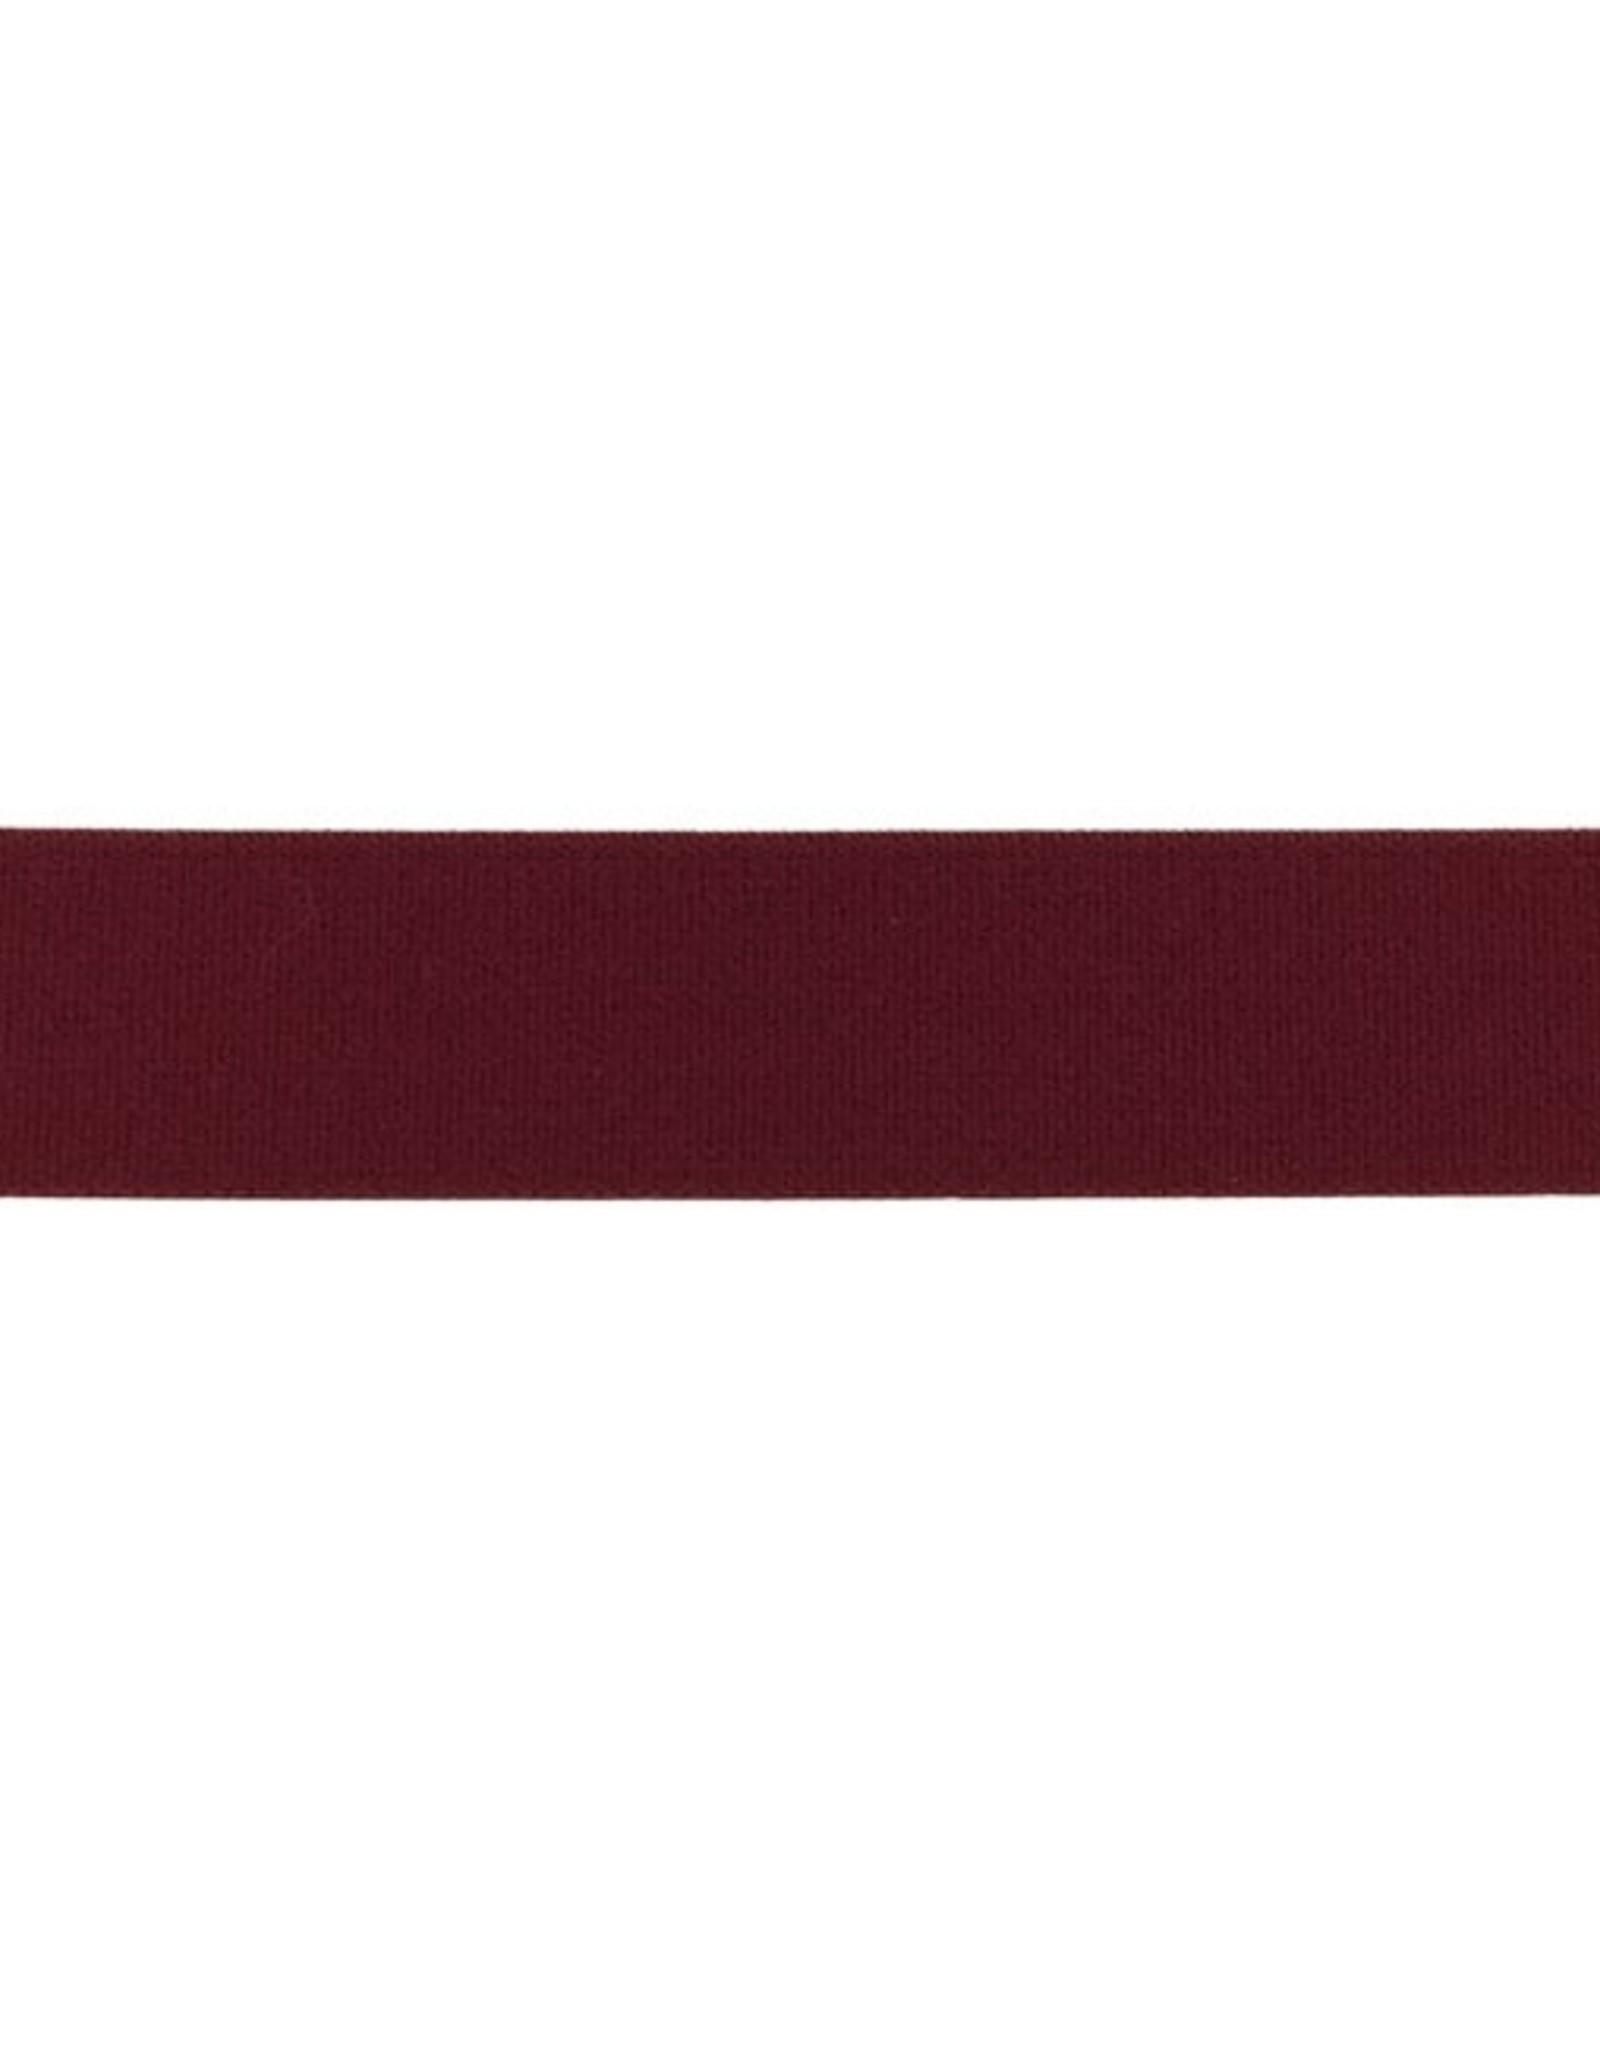 Malse elastiek 25mm uni bordeau